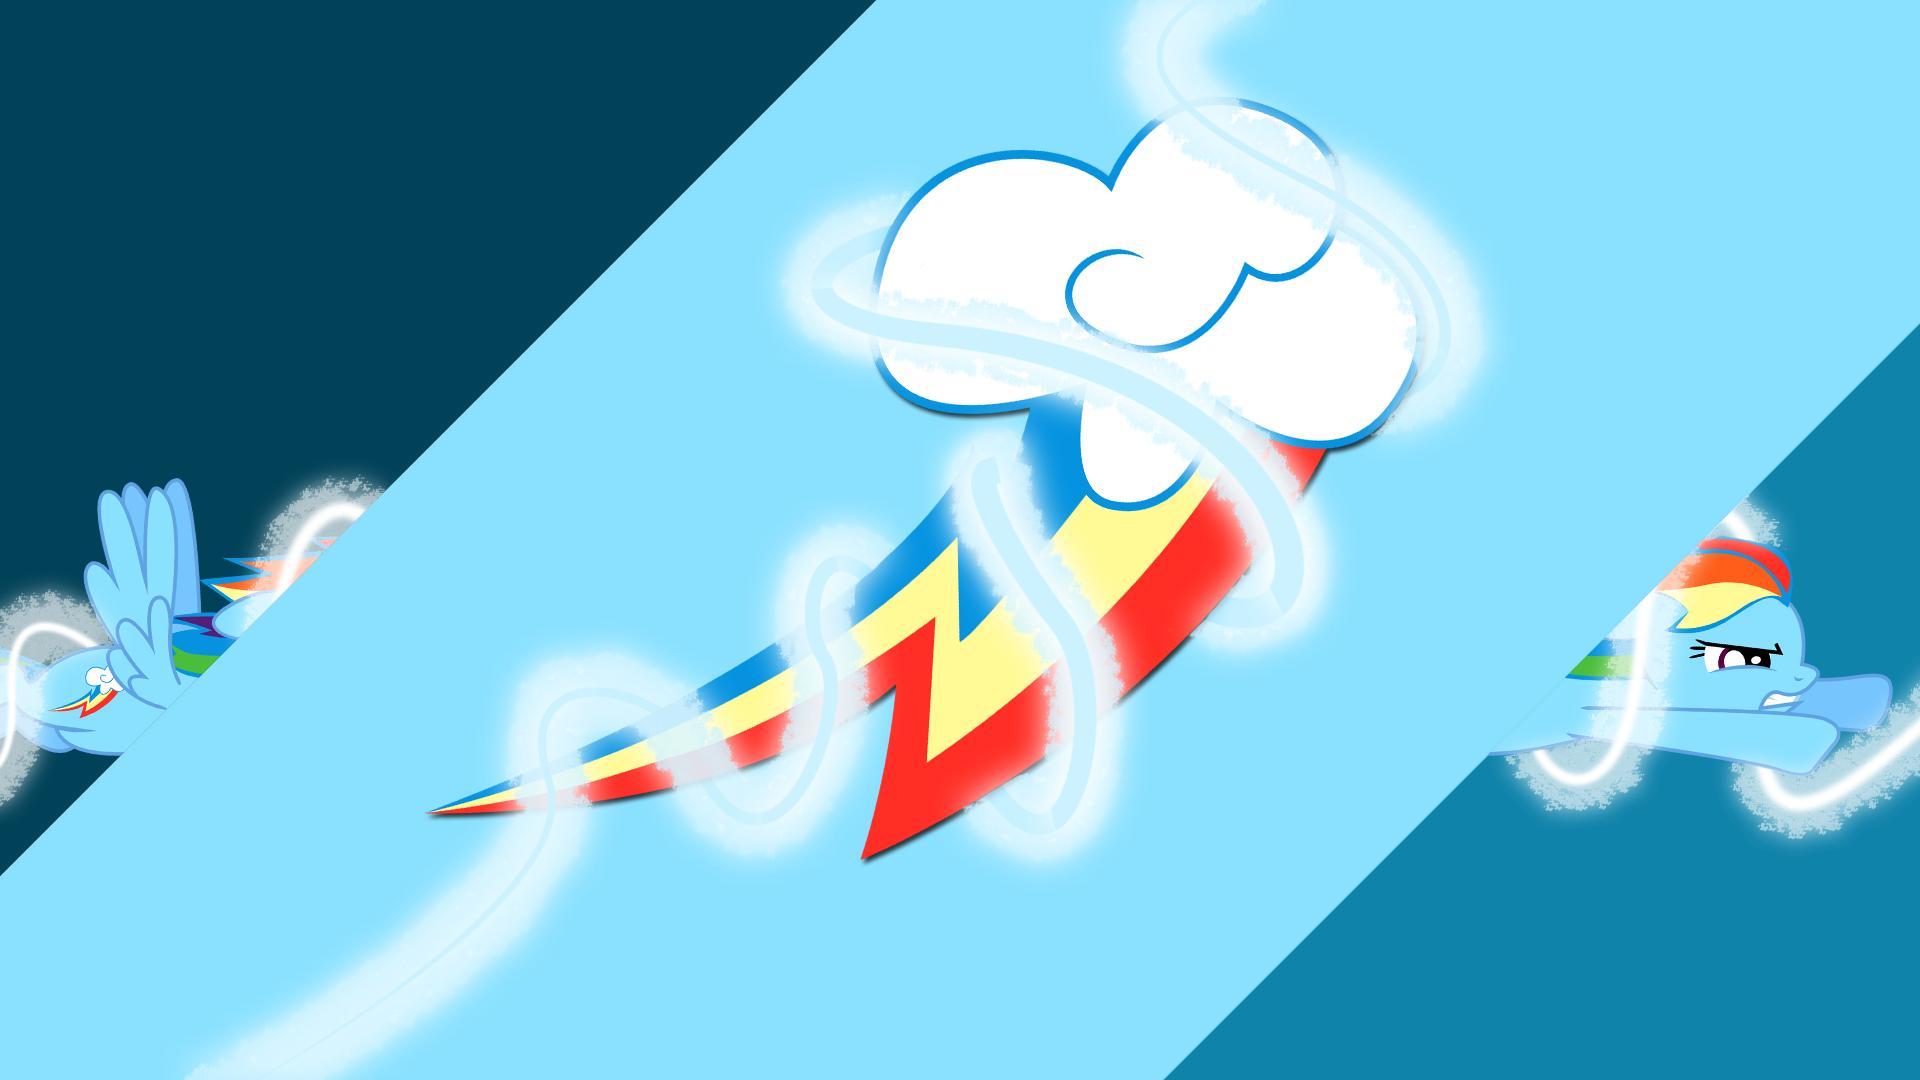 Rainbow Dash Energy Spirals by Silentmatten